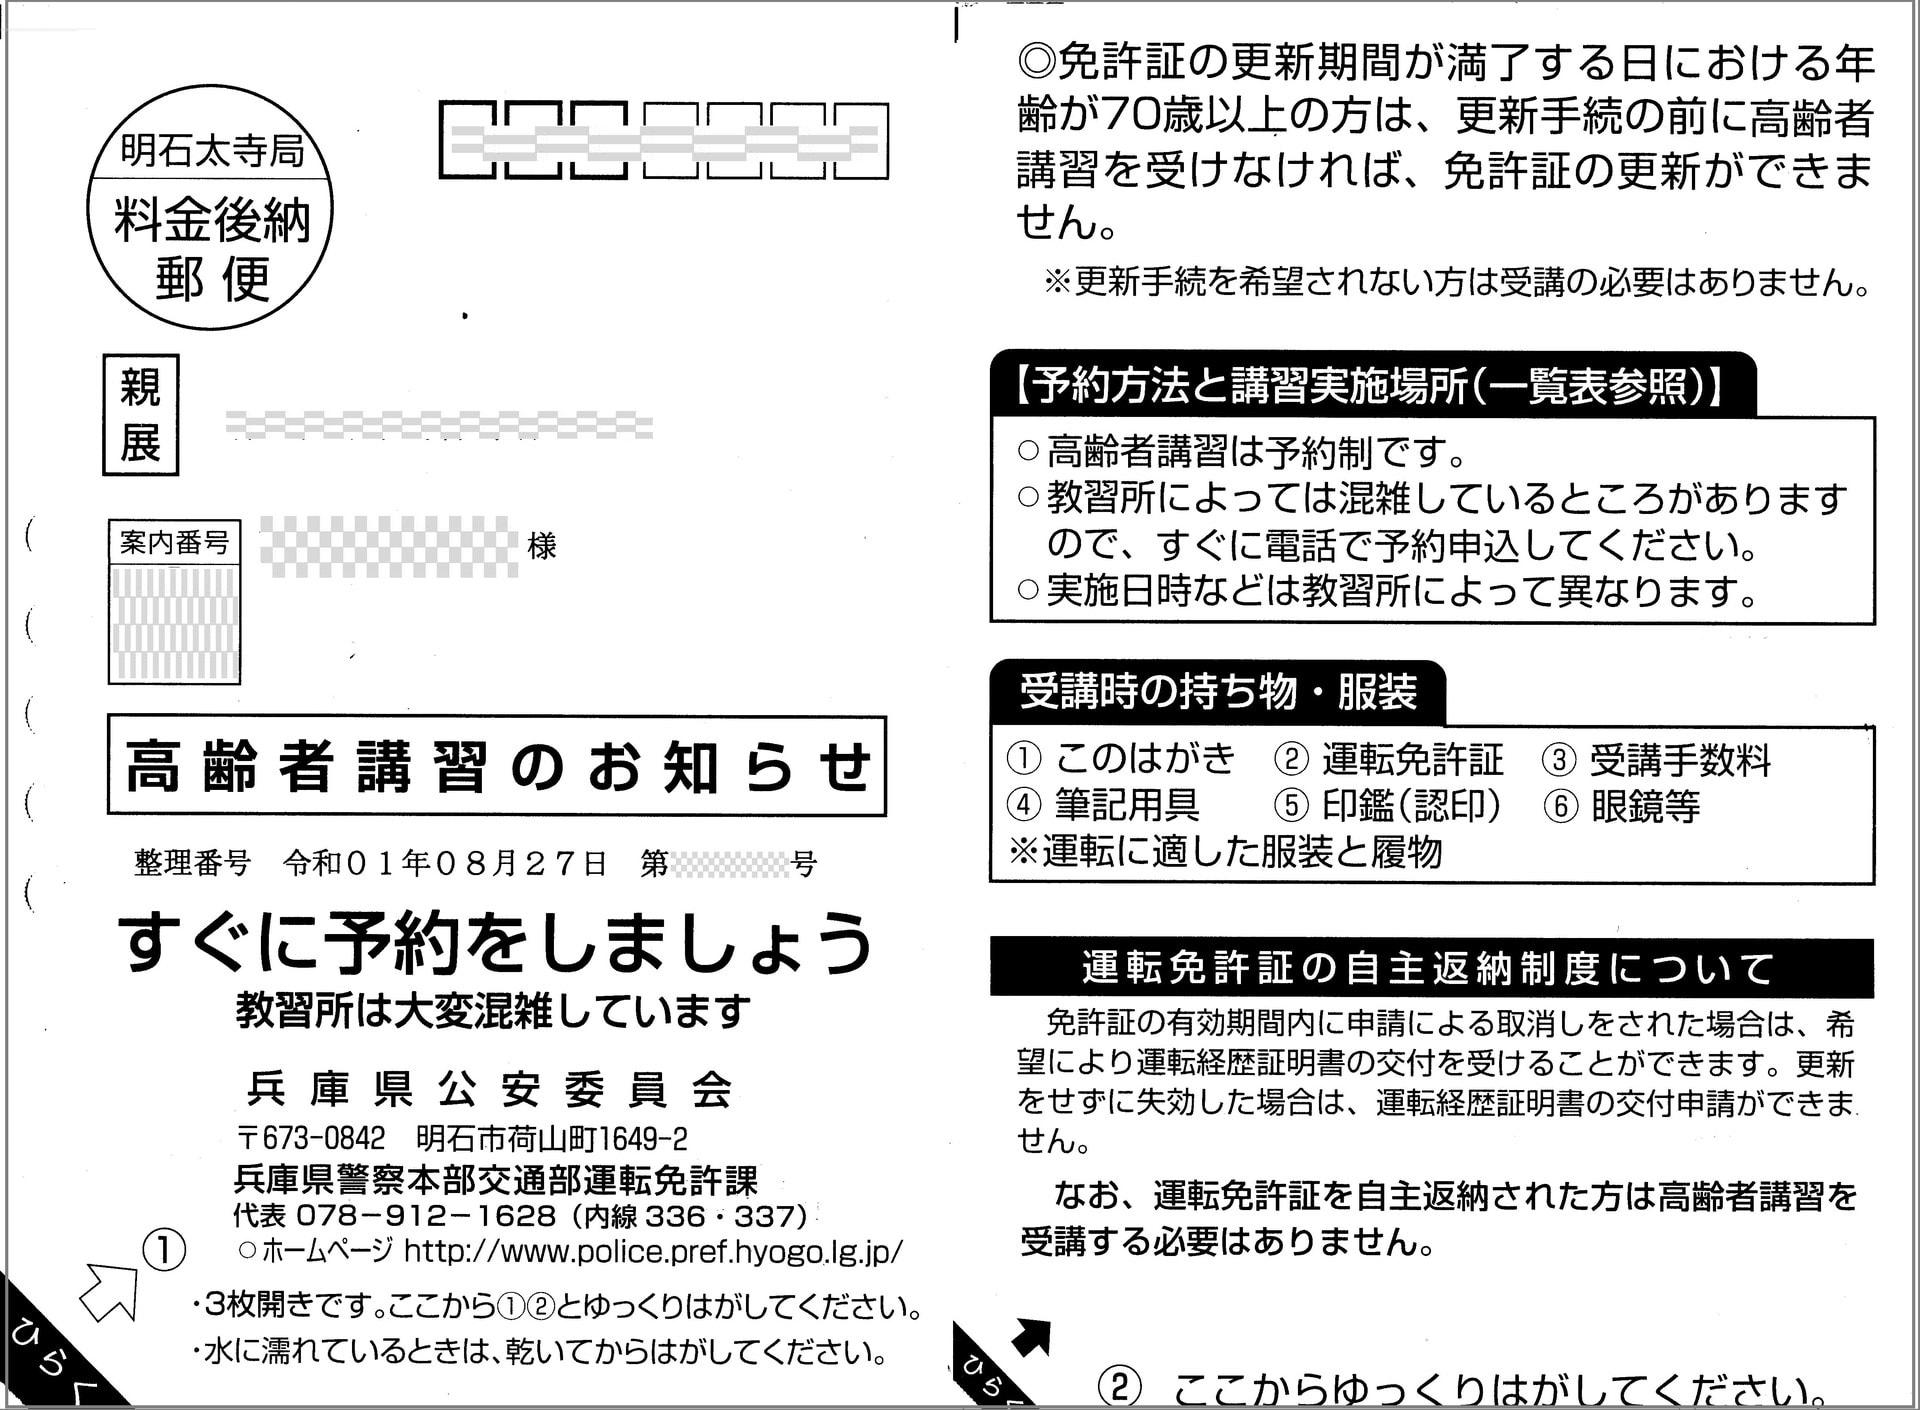 県 免許 試験場 兵庫